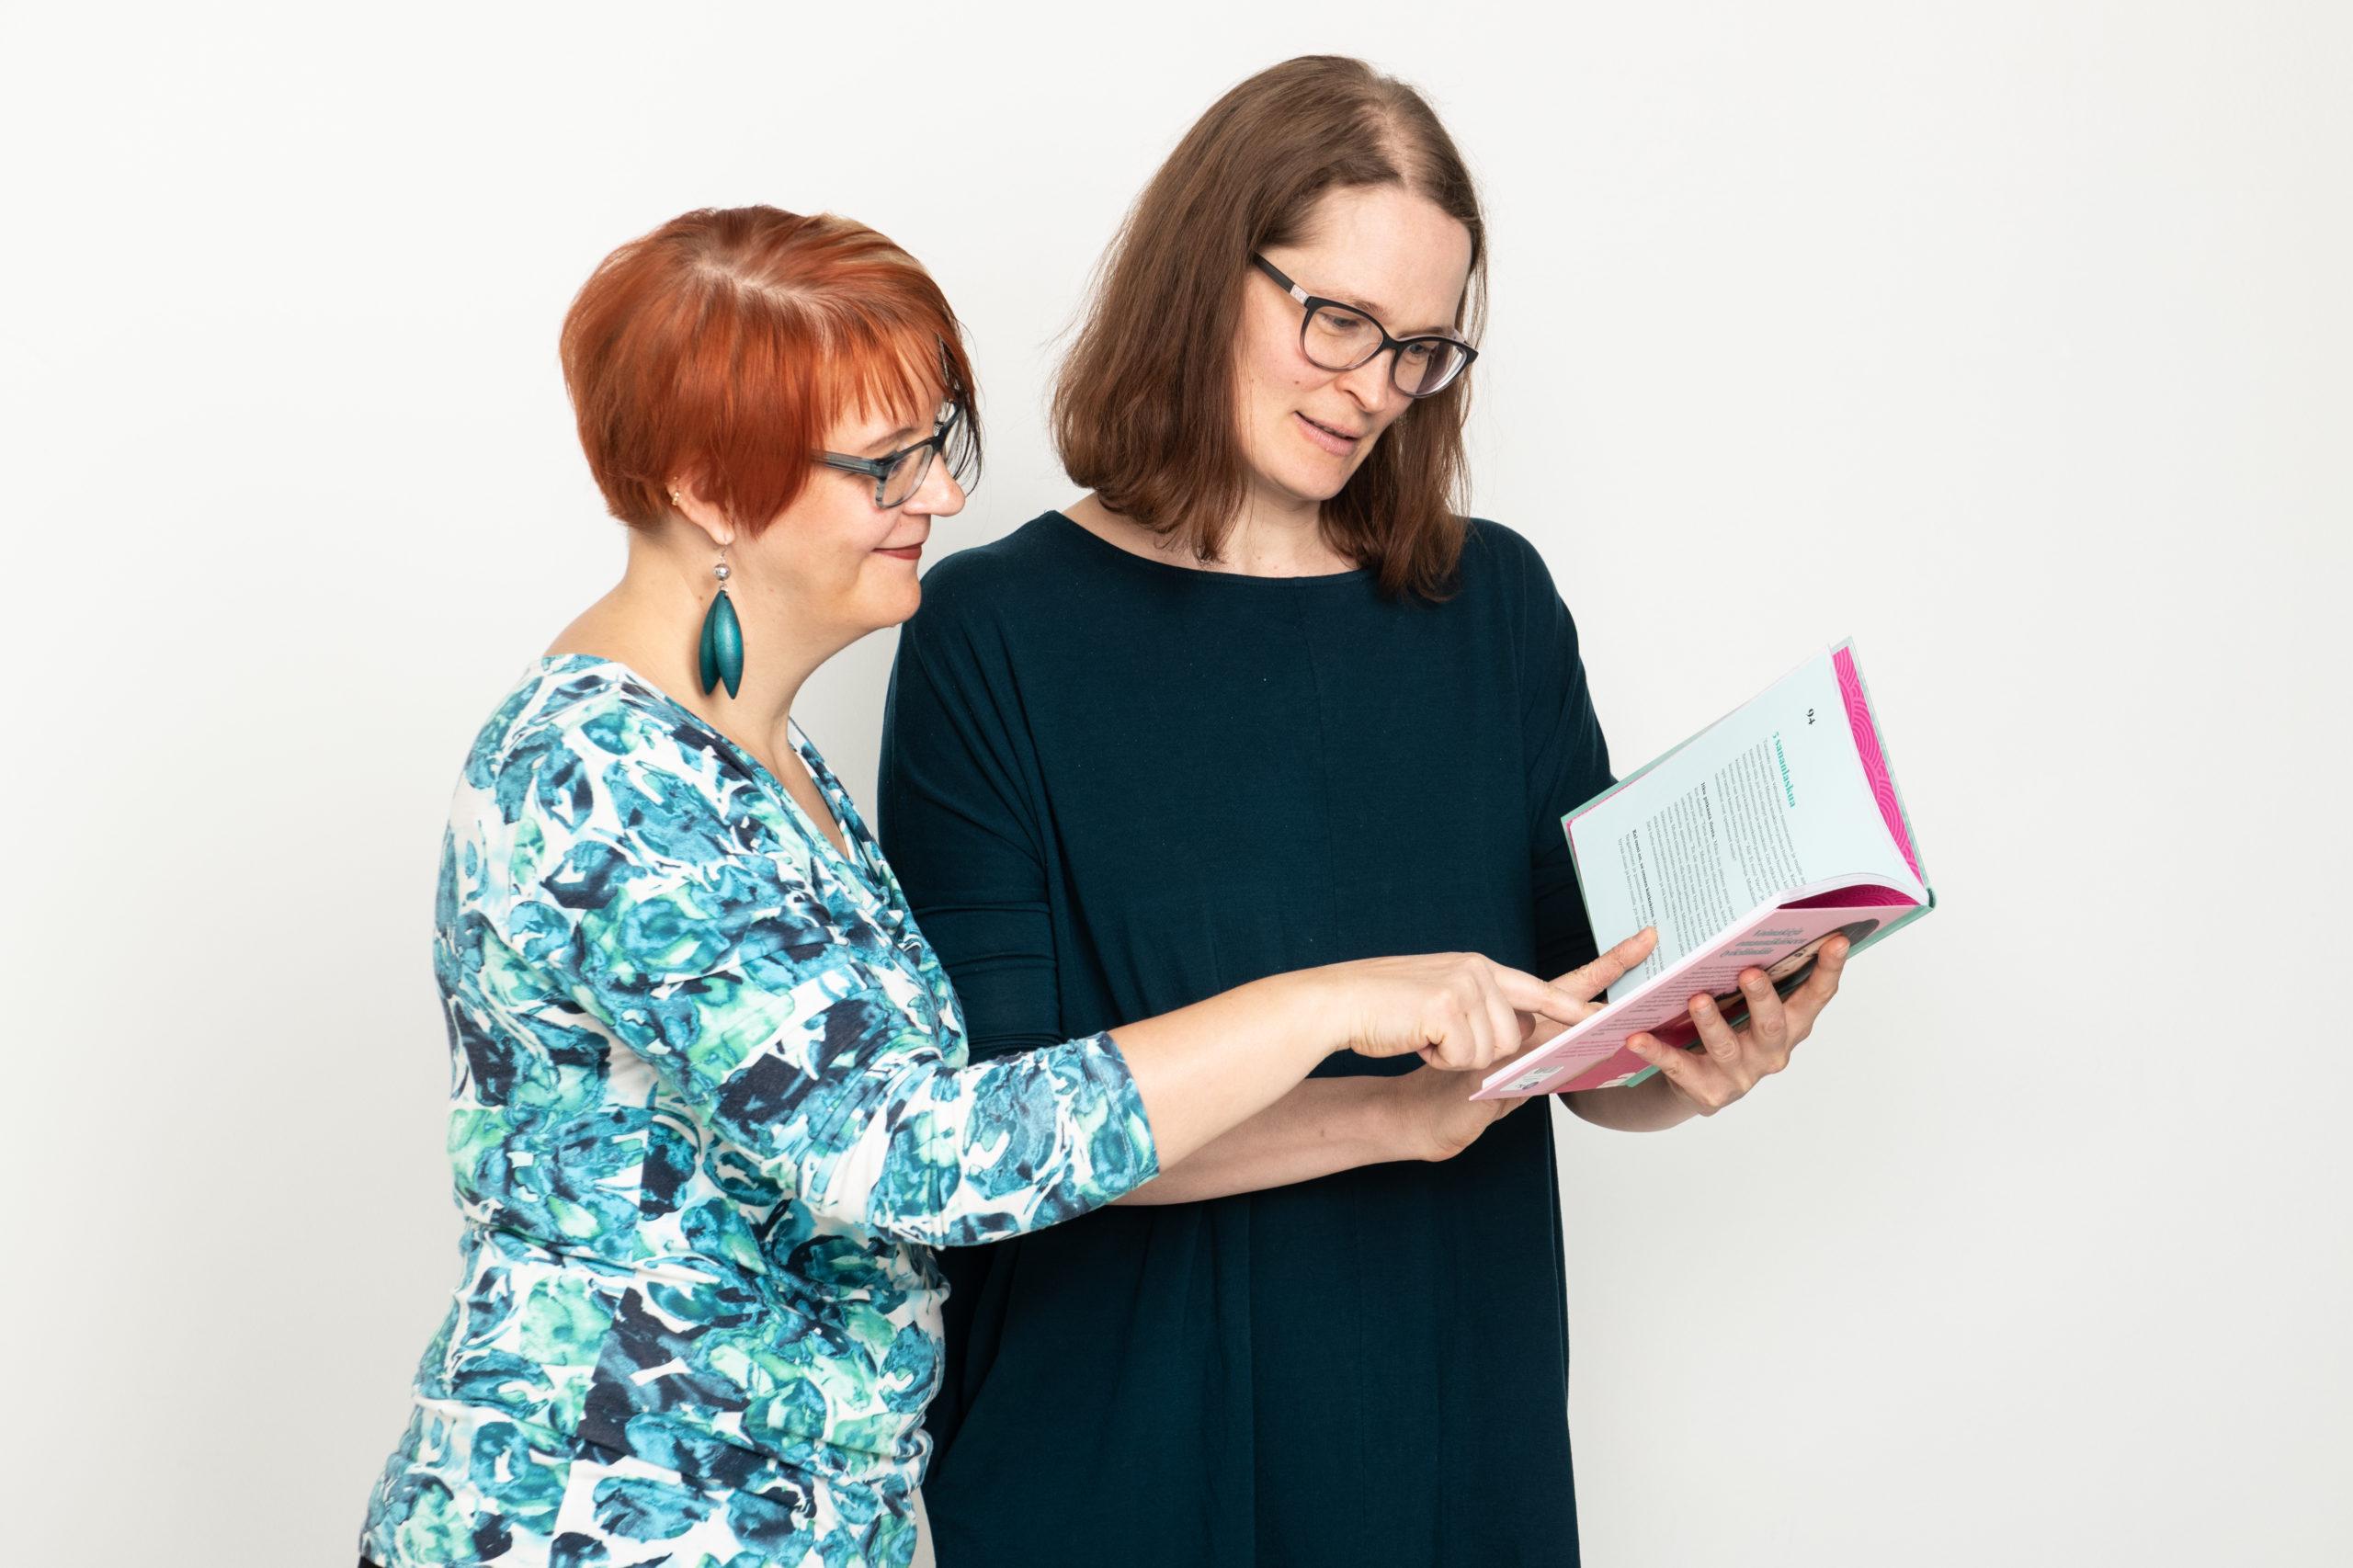 Kaksi henkilöä tutkimassa kirjaa.